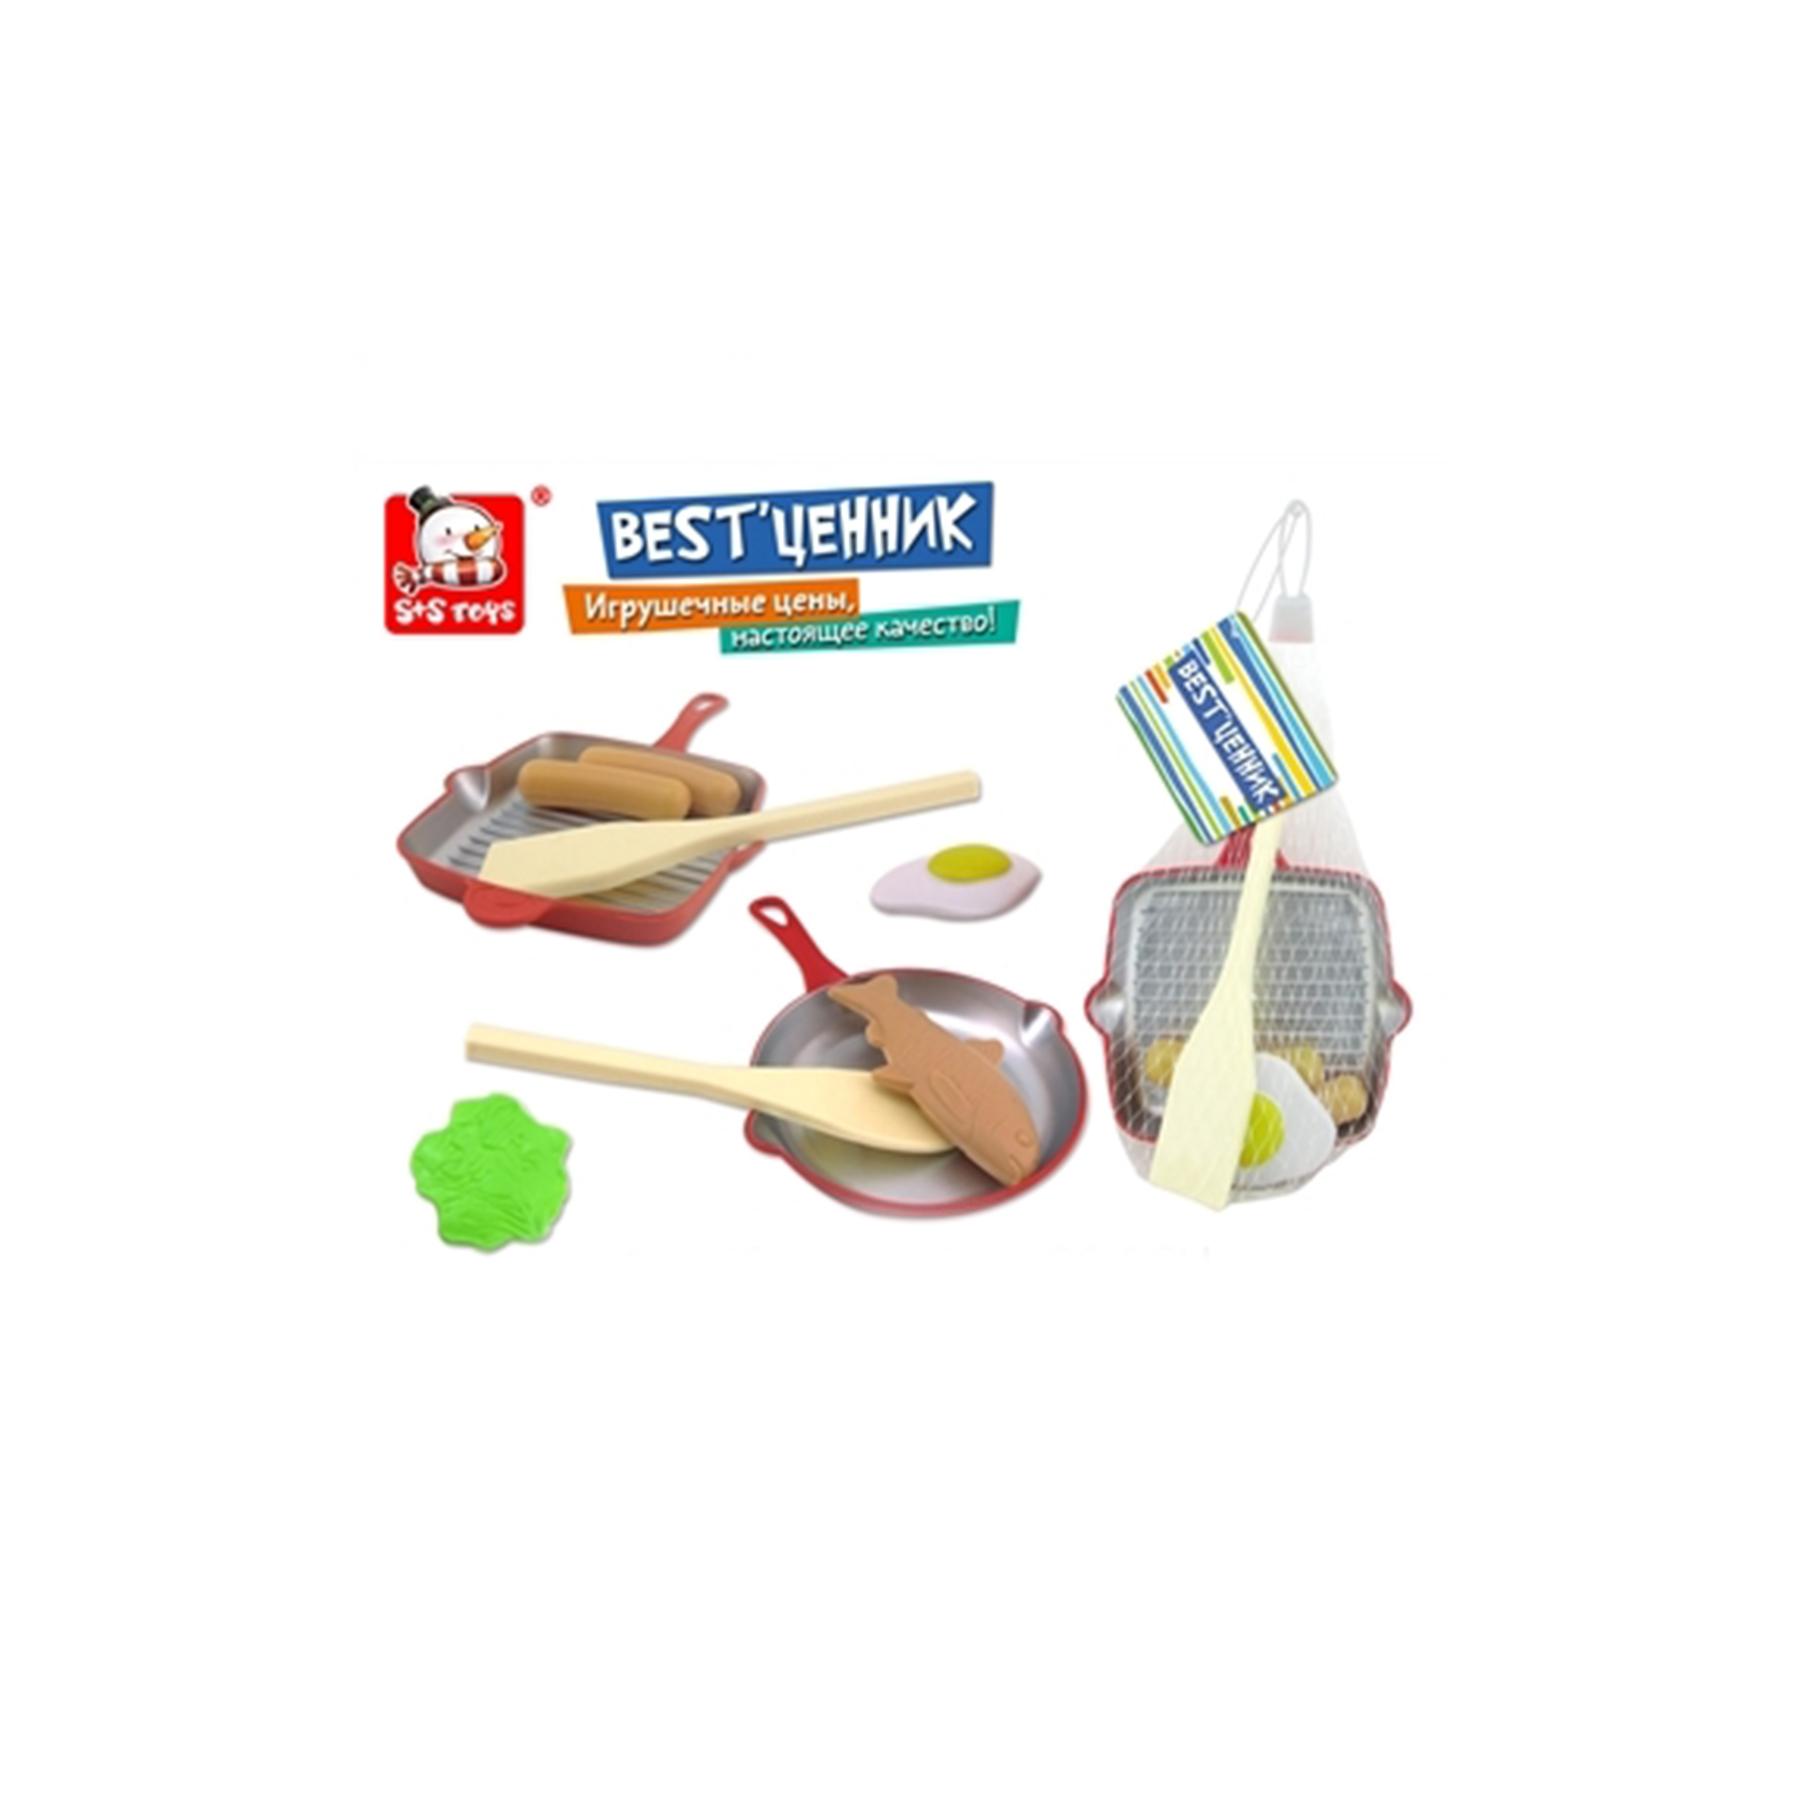 Набор посудки в сетке (сковородка,лопатка и игрушечная еда) 100795521 (52001)